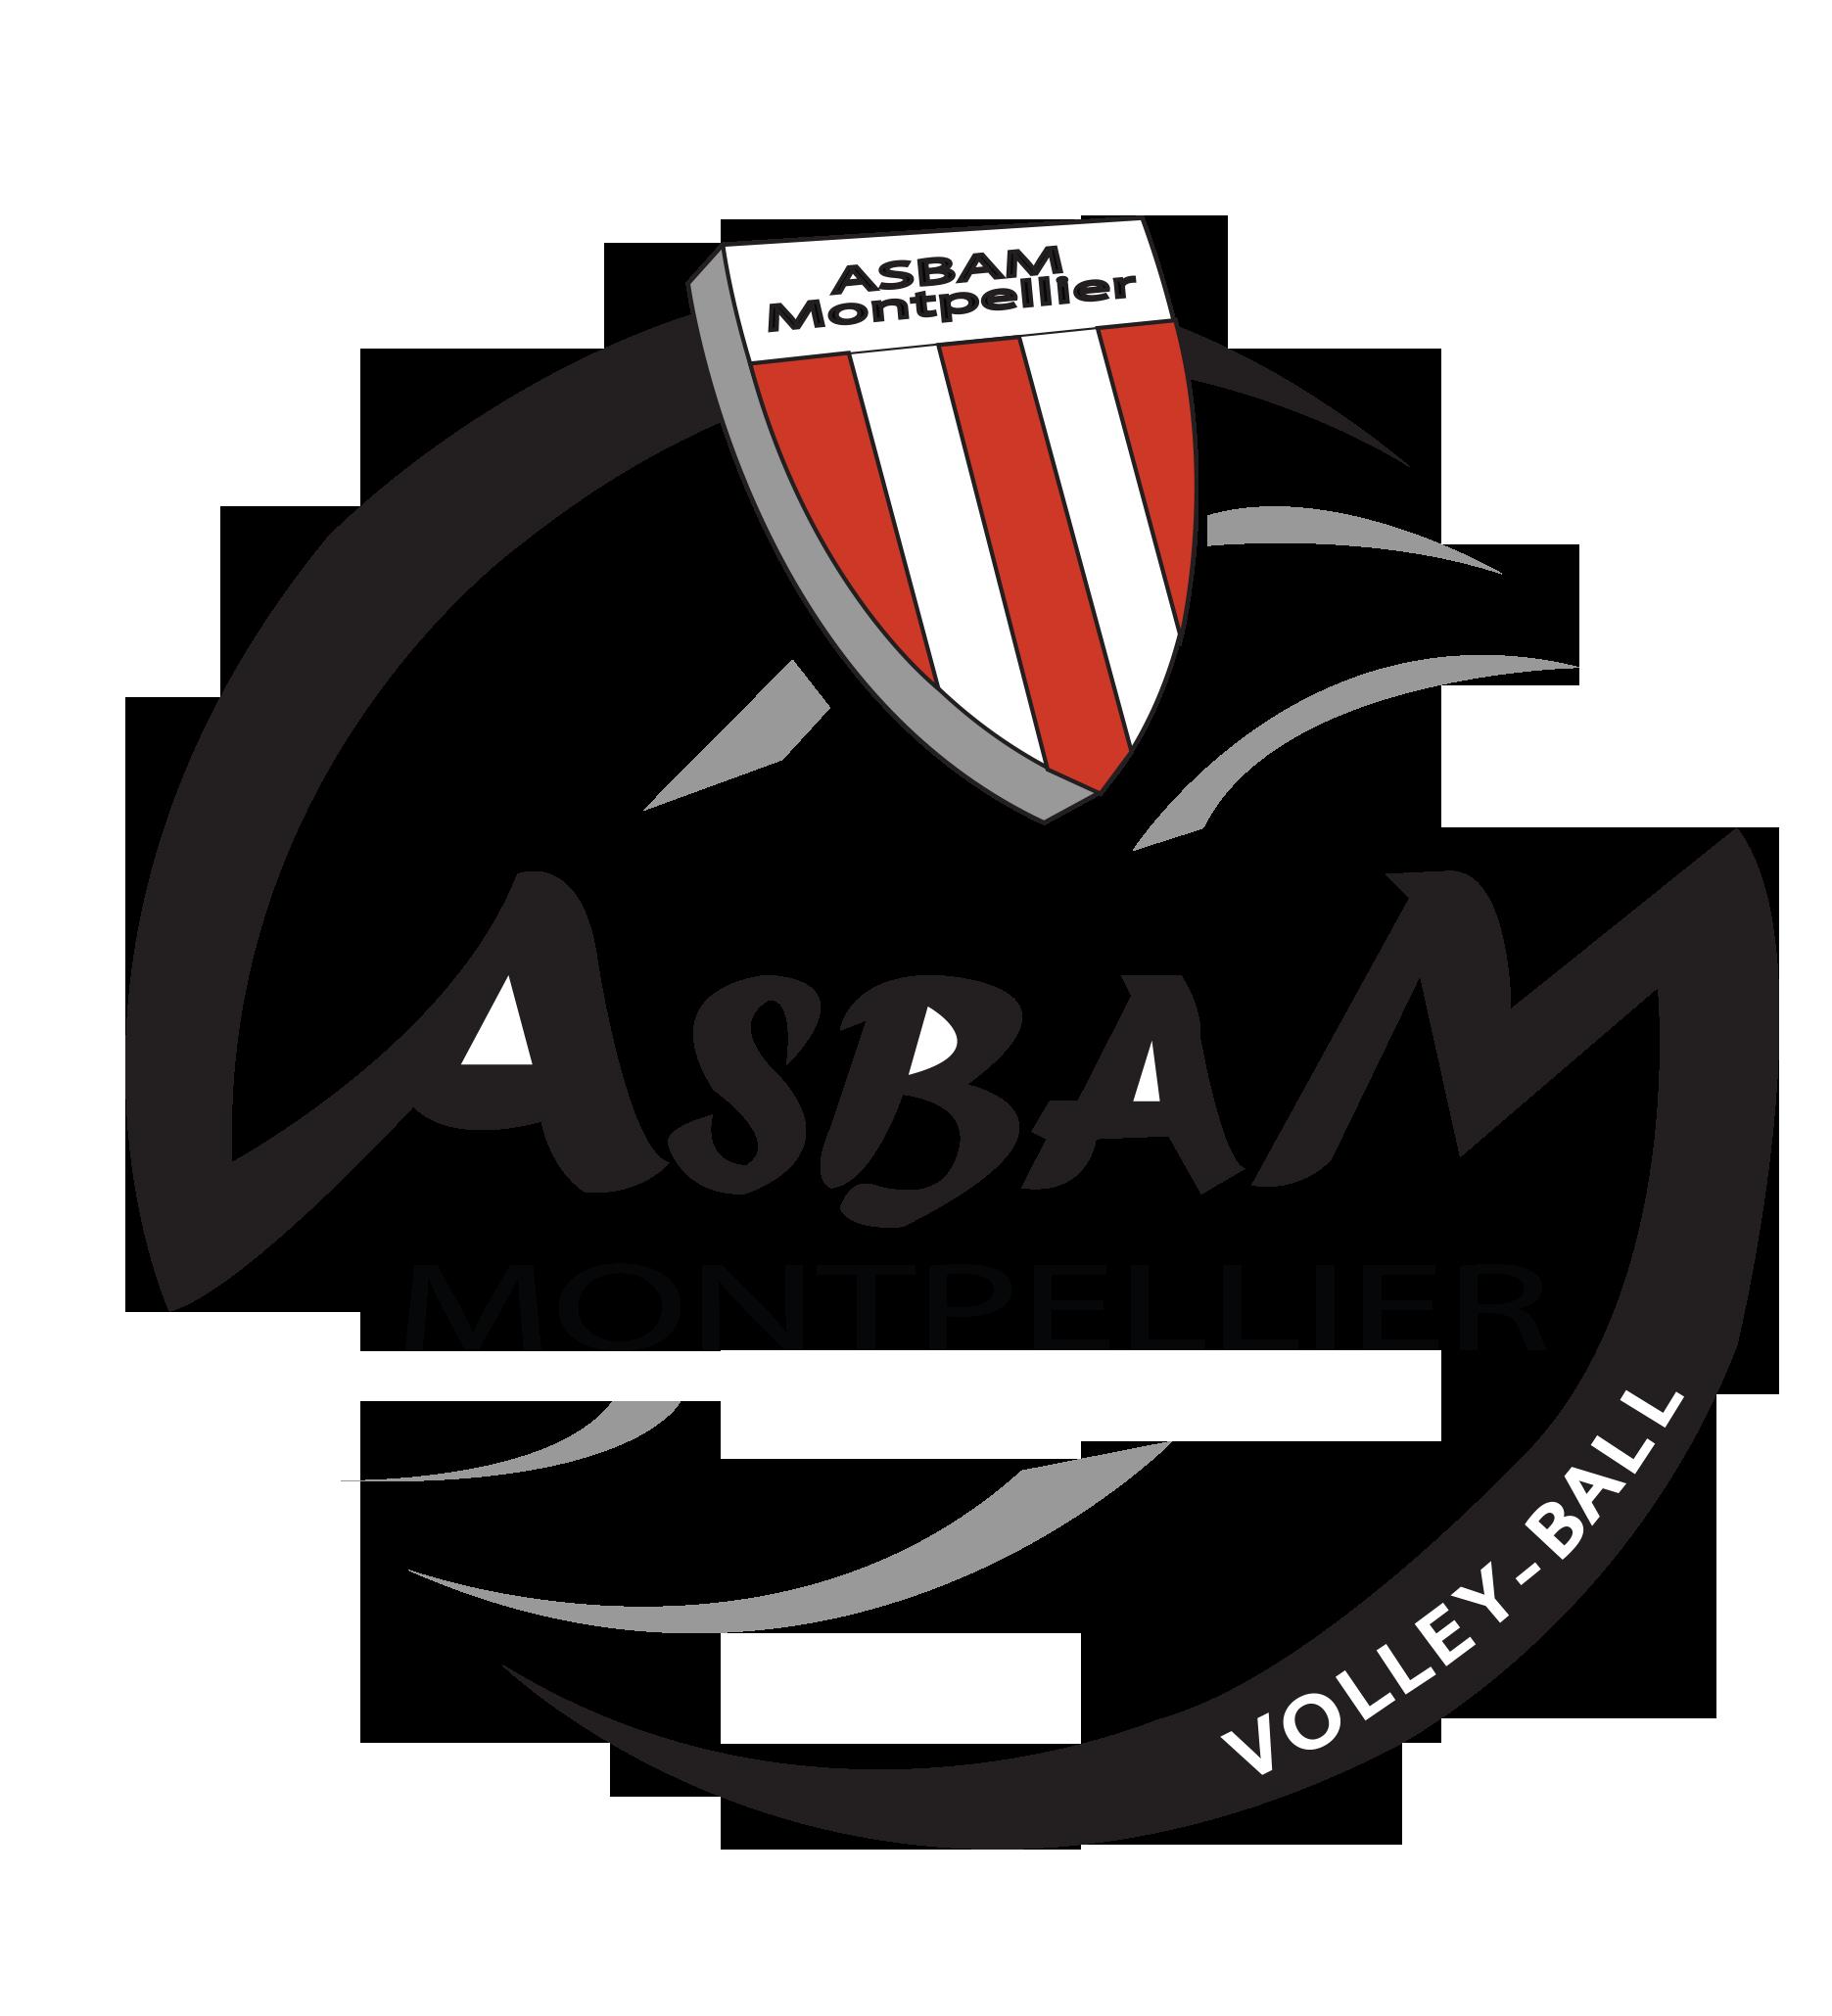 ASBAM Volley-Ball